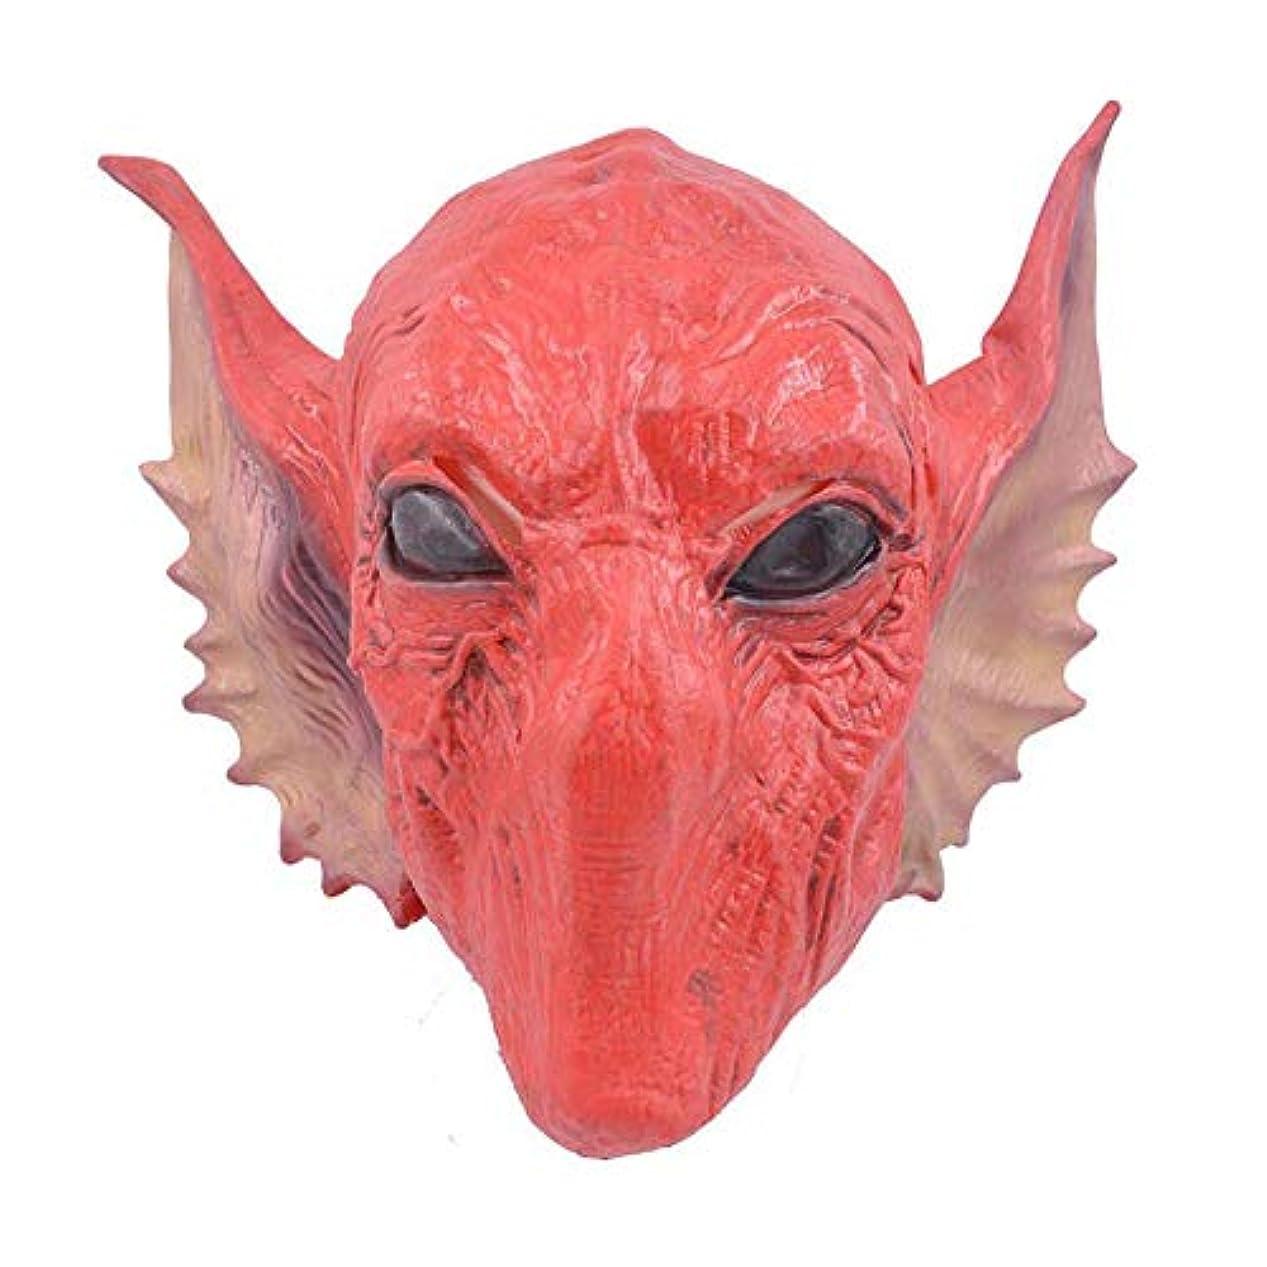 ブローホール愛情深いモッキンバードハロウィーンマスク新しい赤いエイリアンセットSF映画テーママスクcosホラーマスク